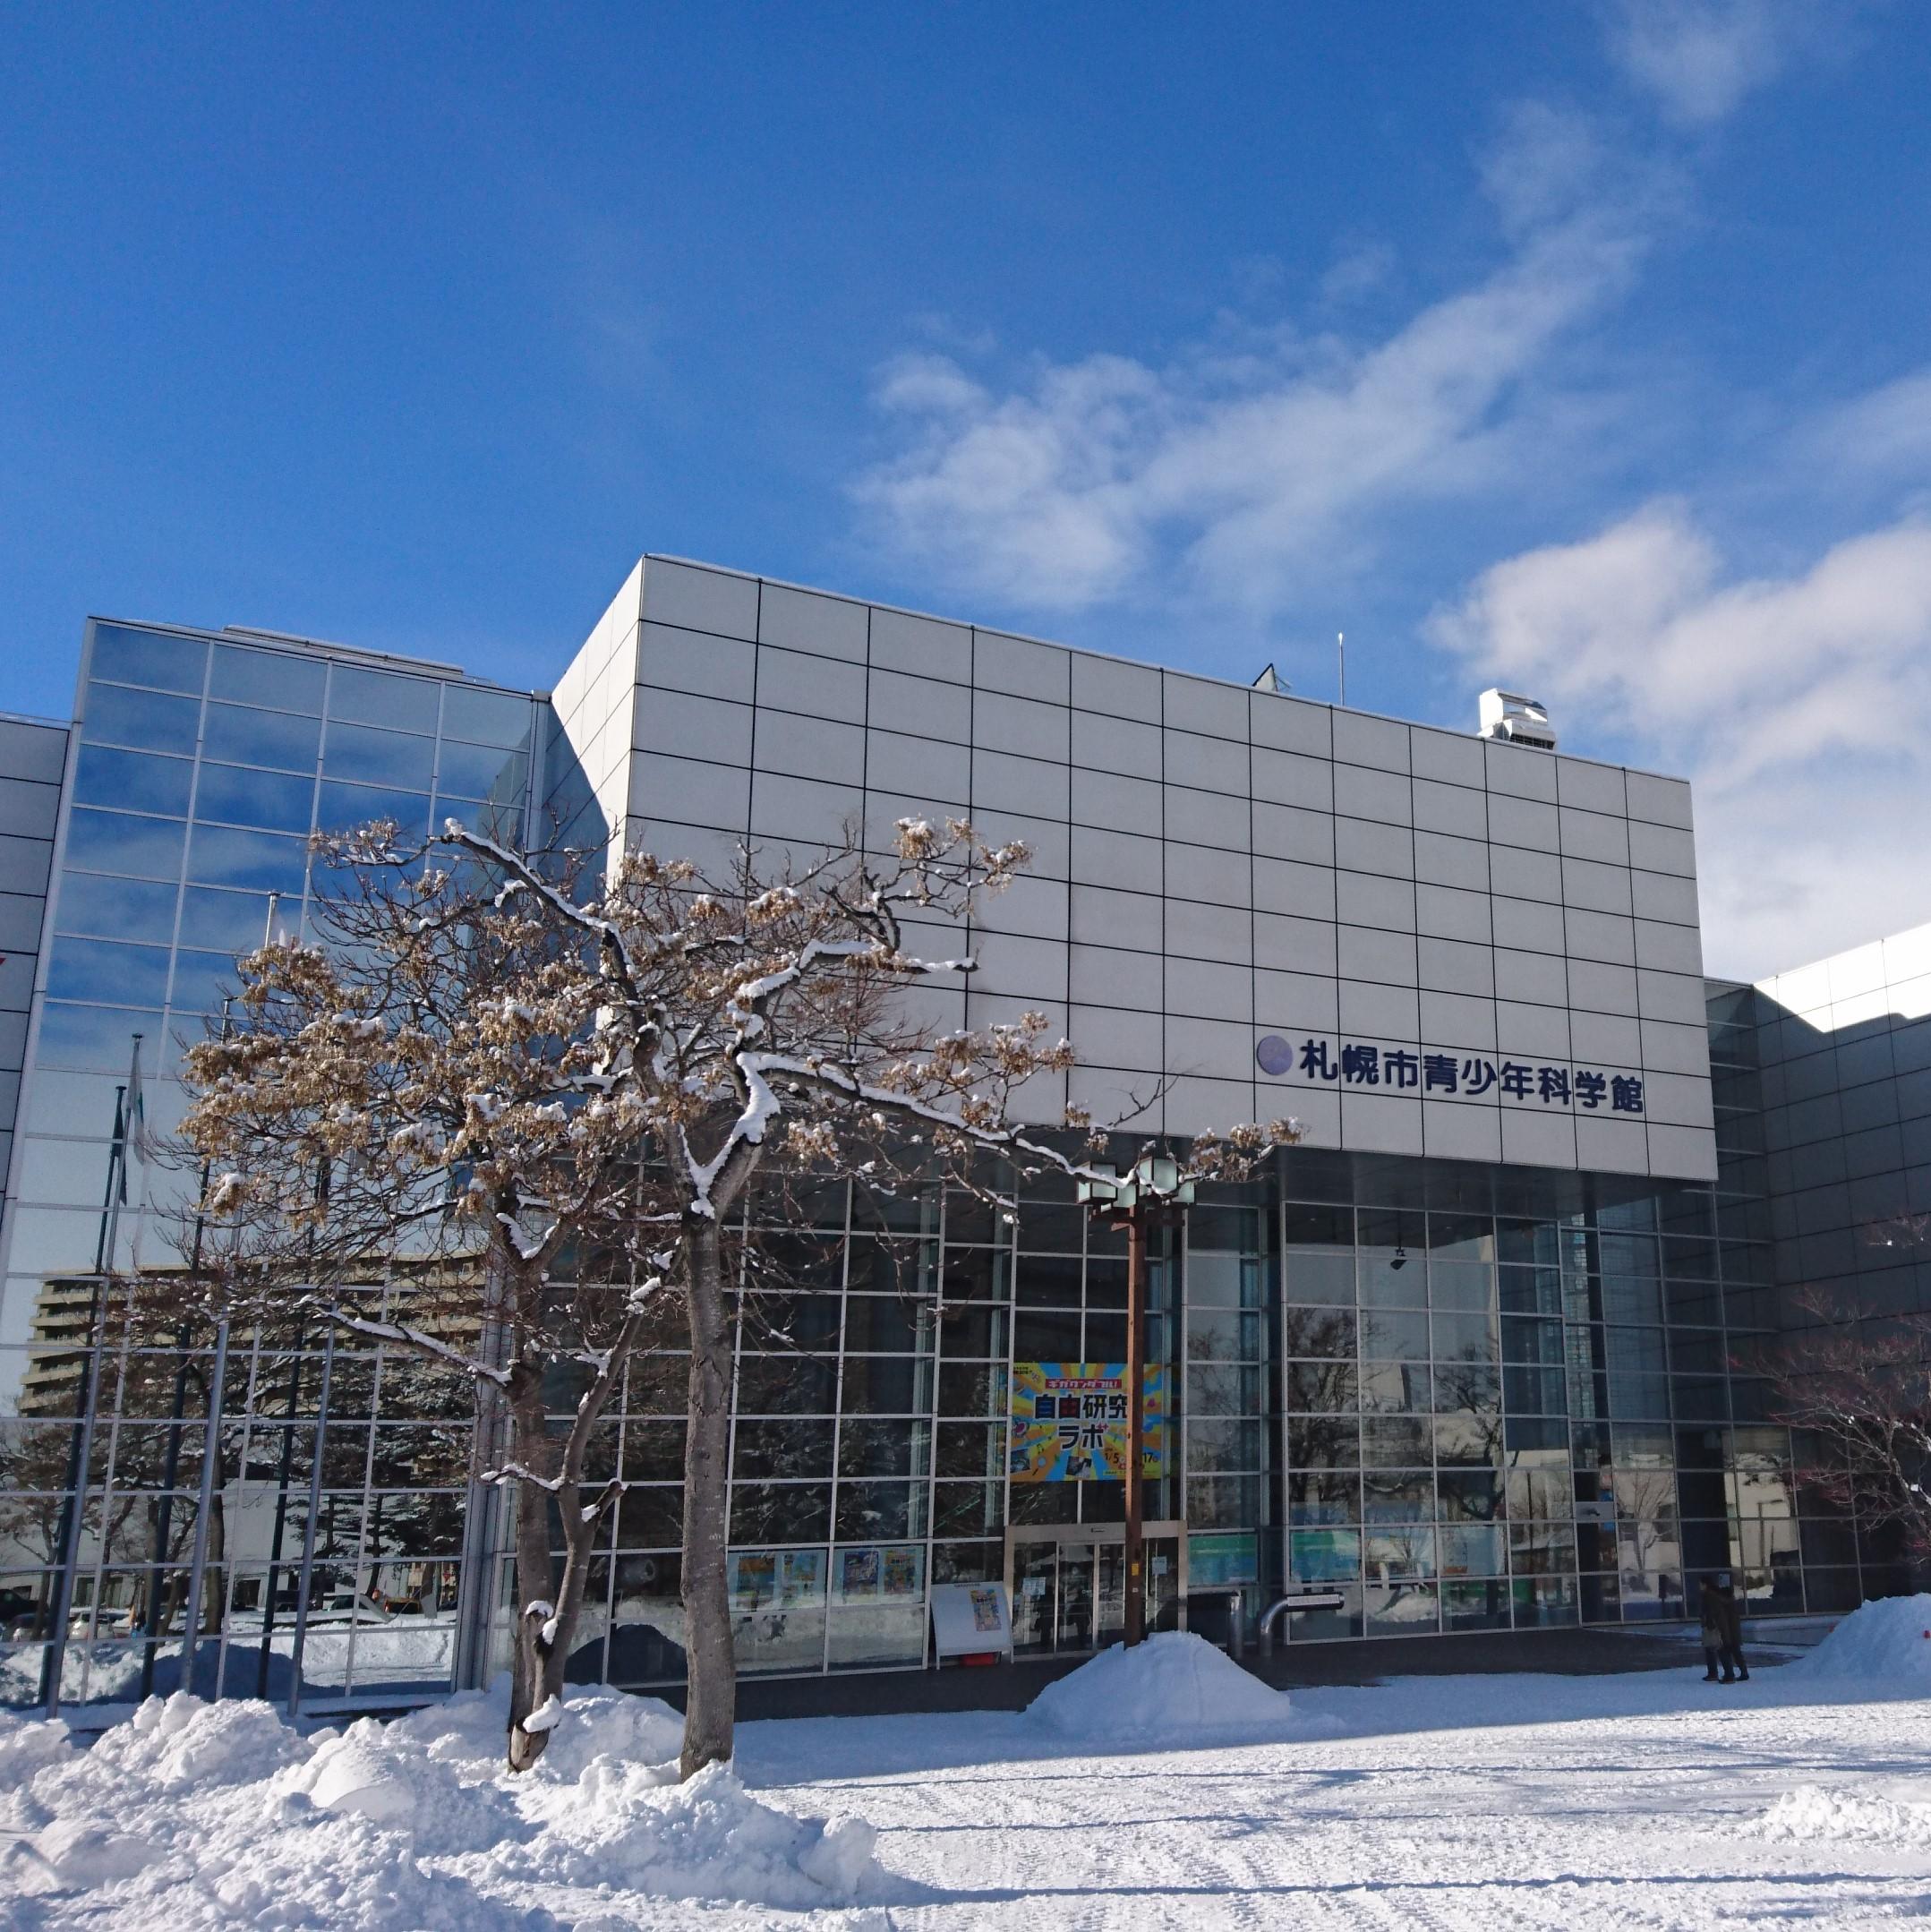 札幌市青少年科学館(北海道札幌市厚別区)